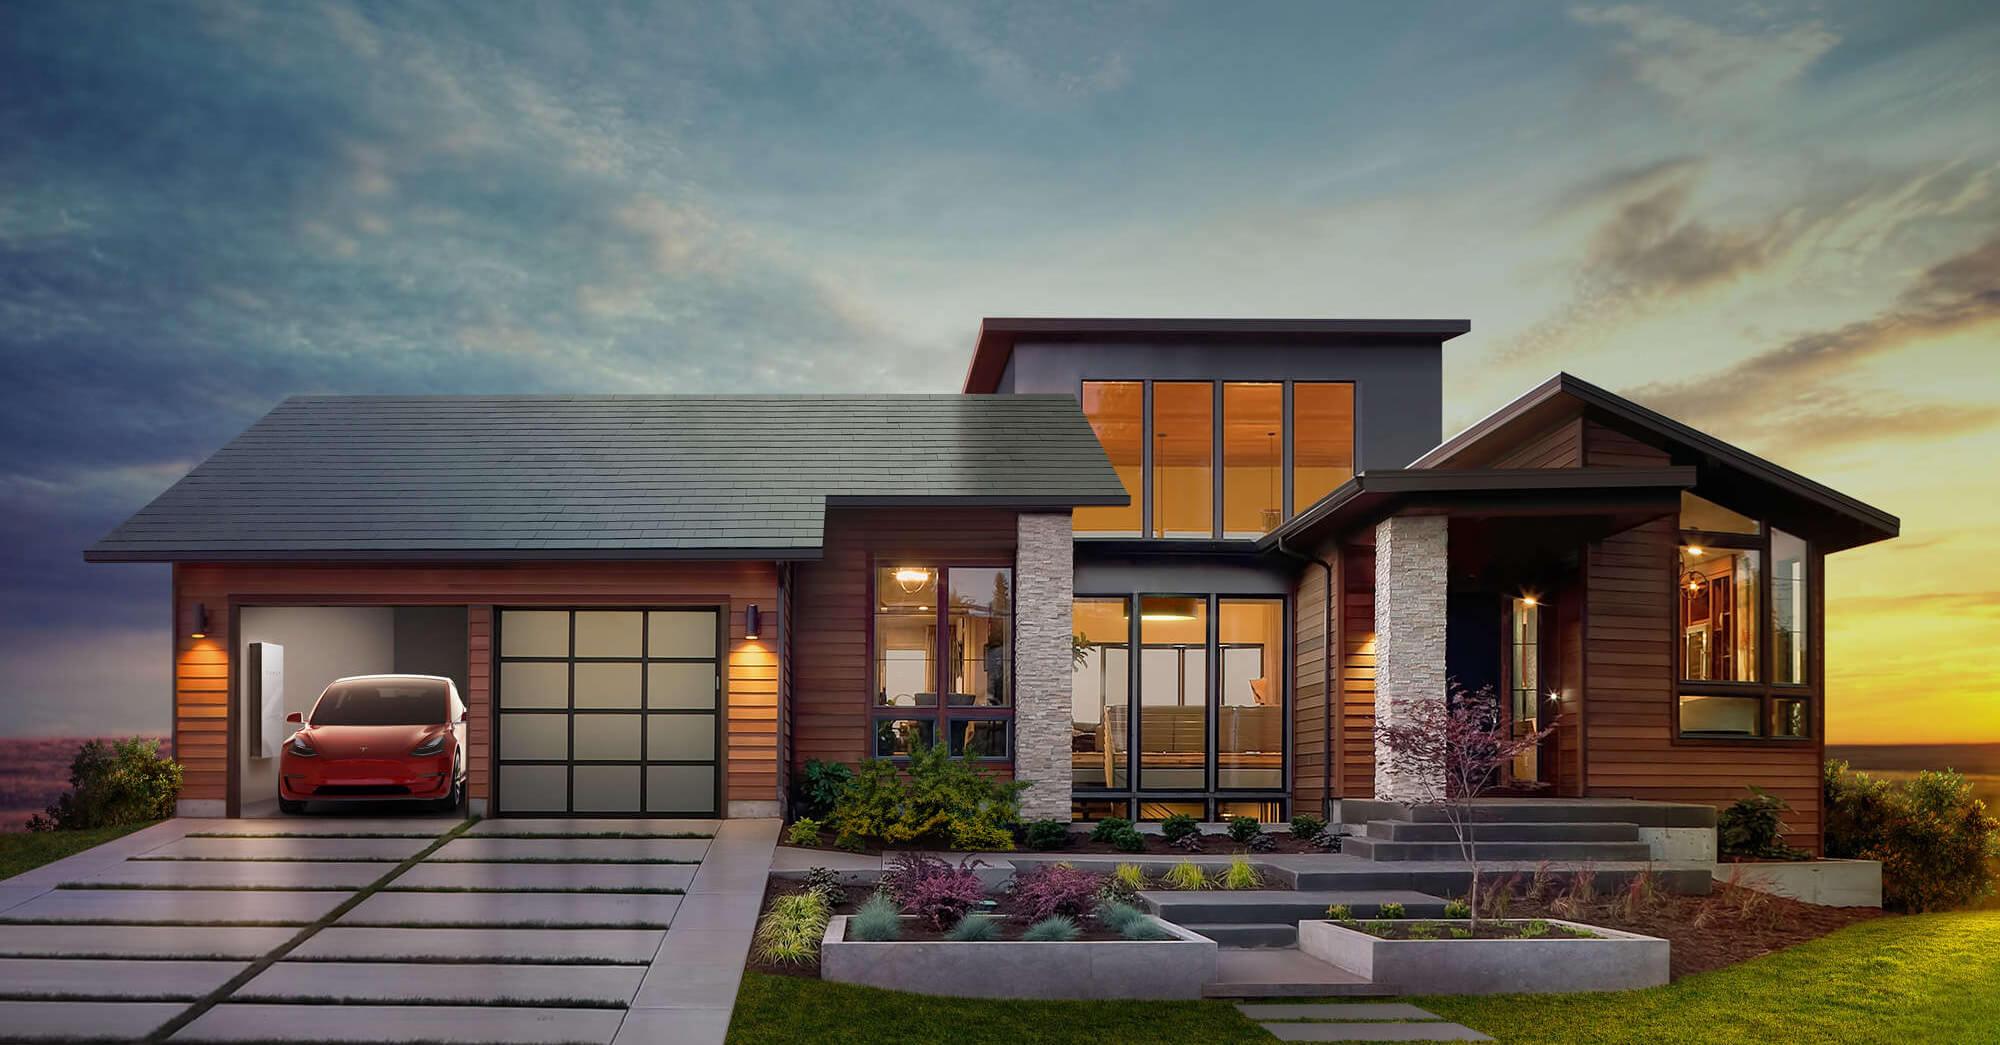 Общее светлое будущее: акционеры Tesla и SolarCity одобрили слияние компаний за $2,6 млрд